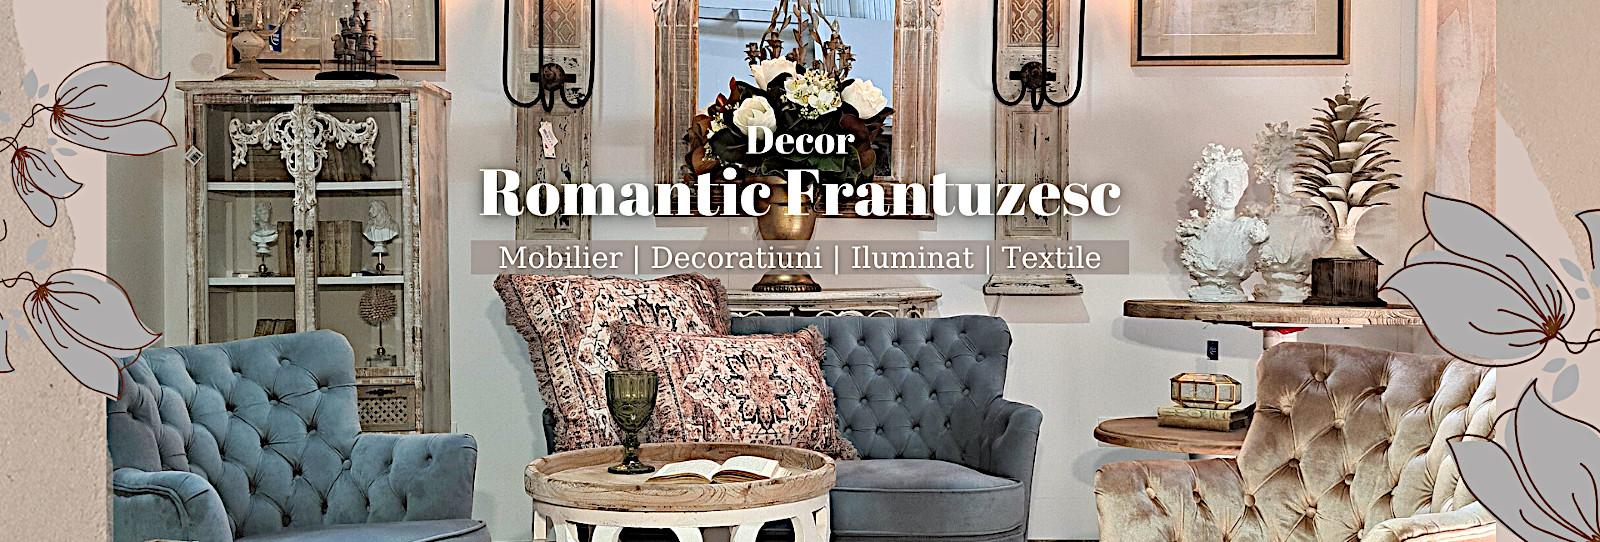 Decor romantic frantuzesc de calitate